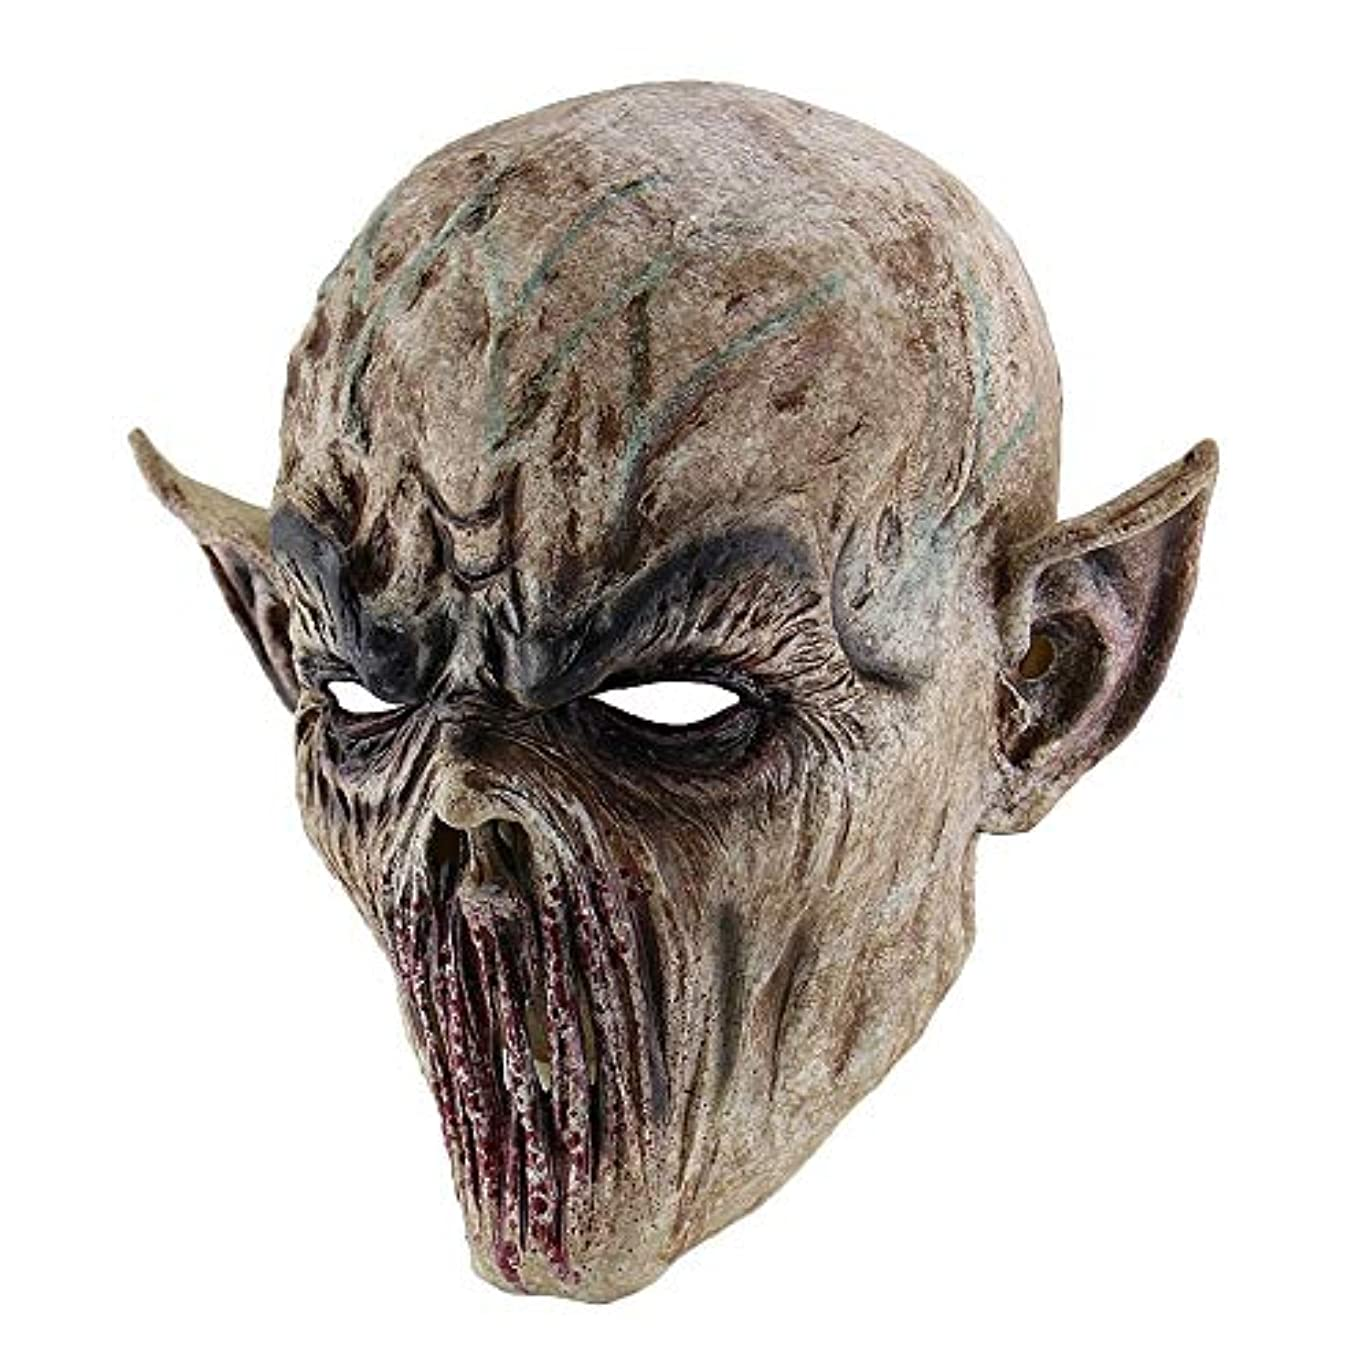 に負ける税金浴室不気味な怖いハロウィーン不気味なラテックスマスク、大人のパーティーコスプレ衣装、仮装衣装,Zombie